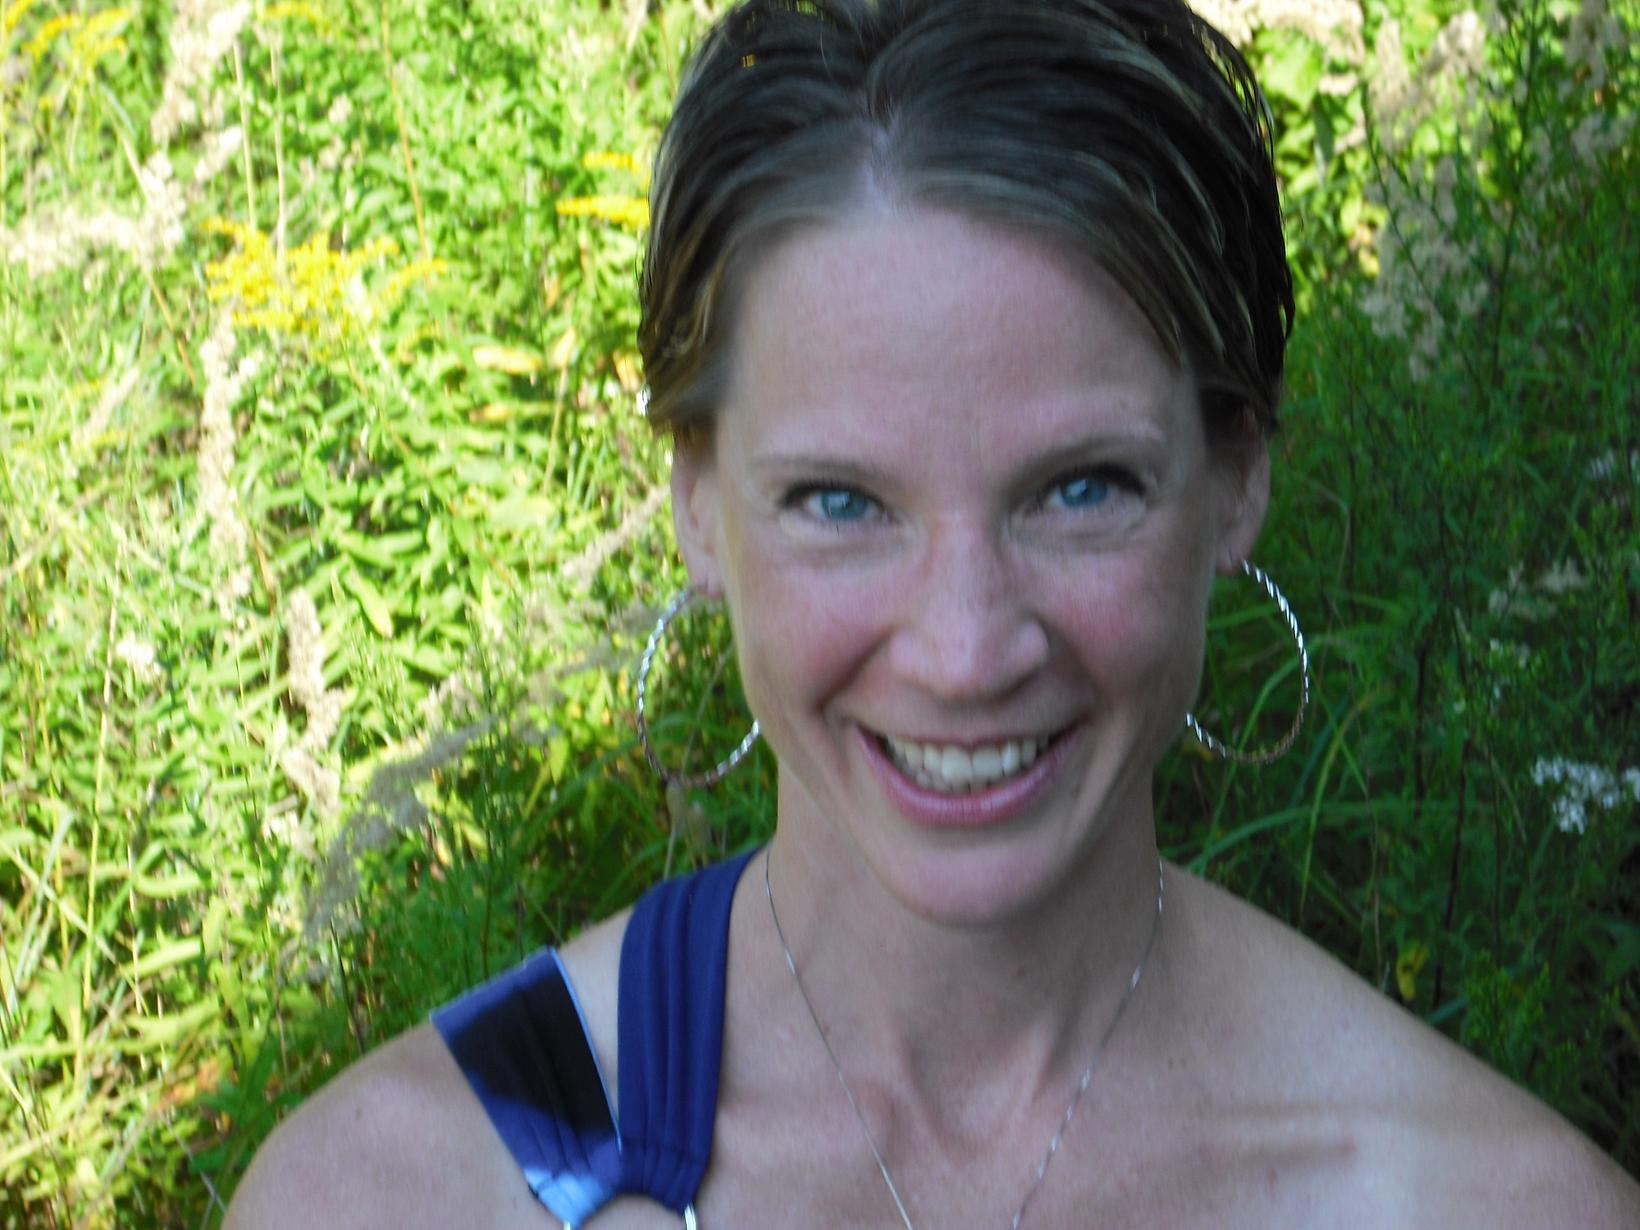 Kelly from Toronto, Ontario, Canada